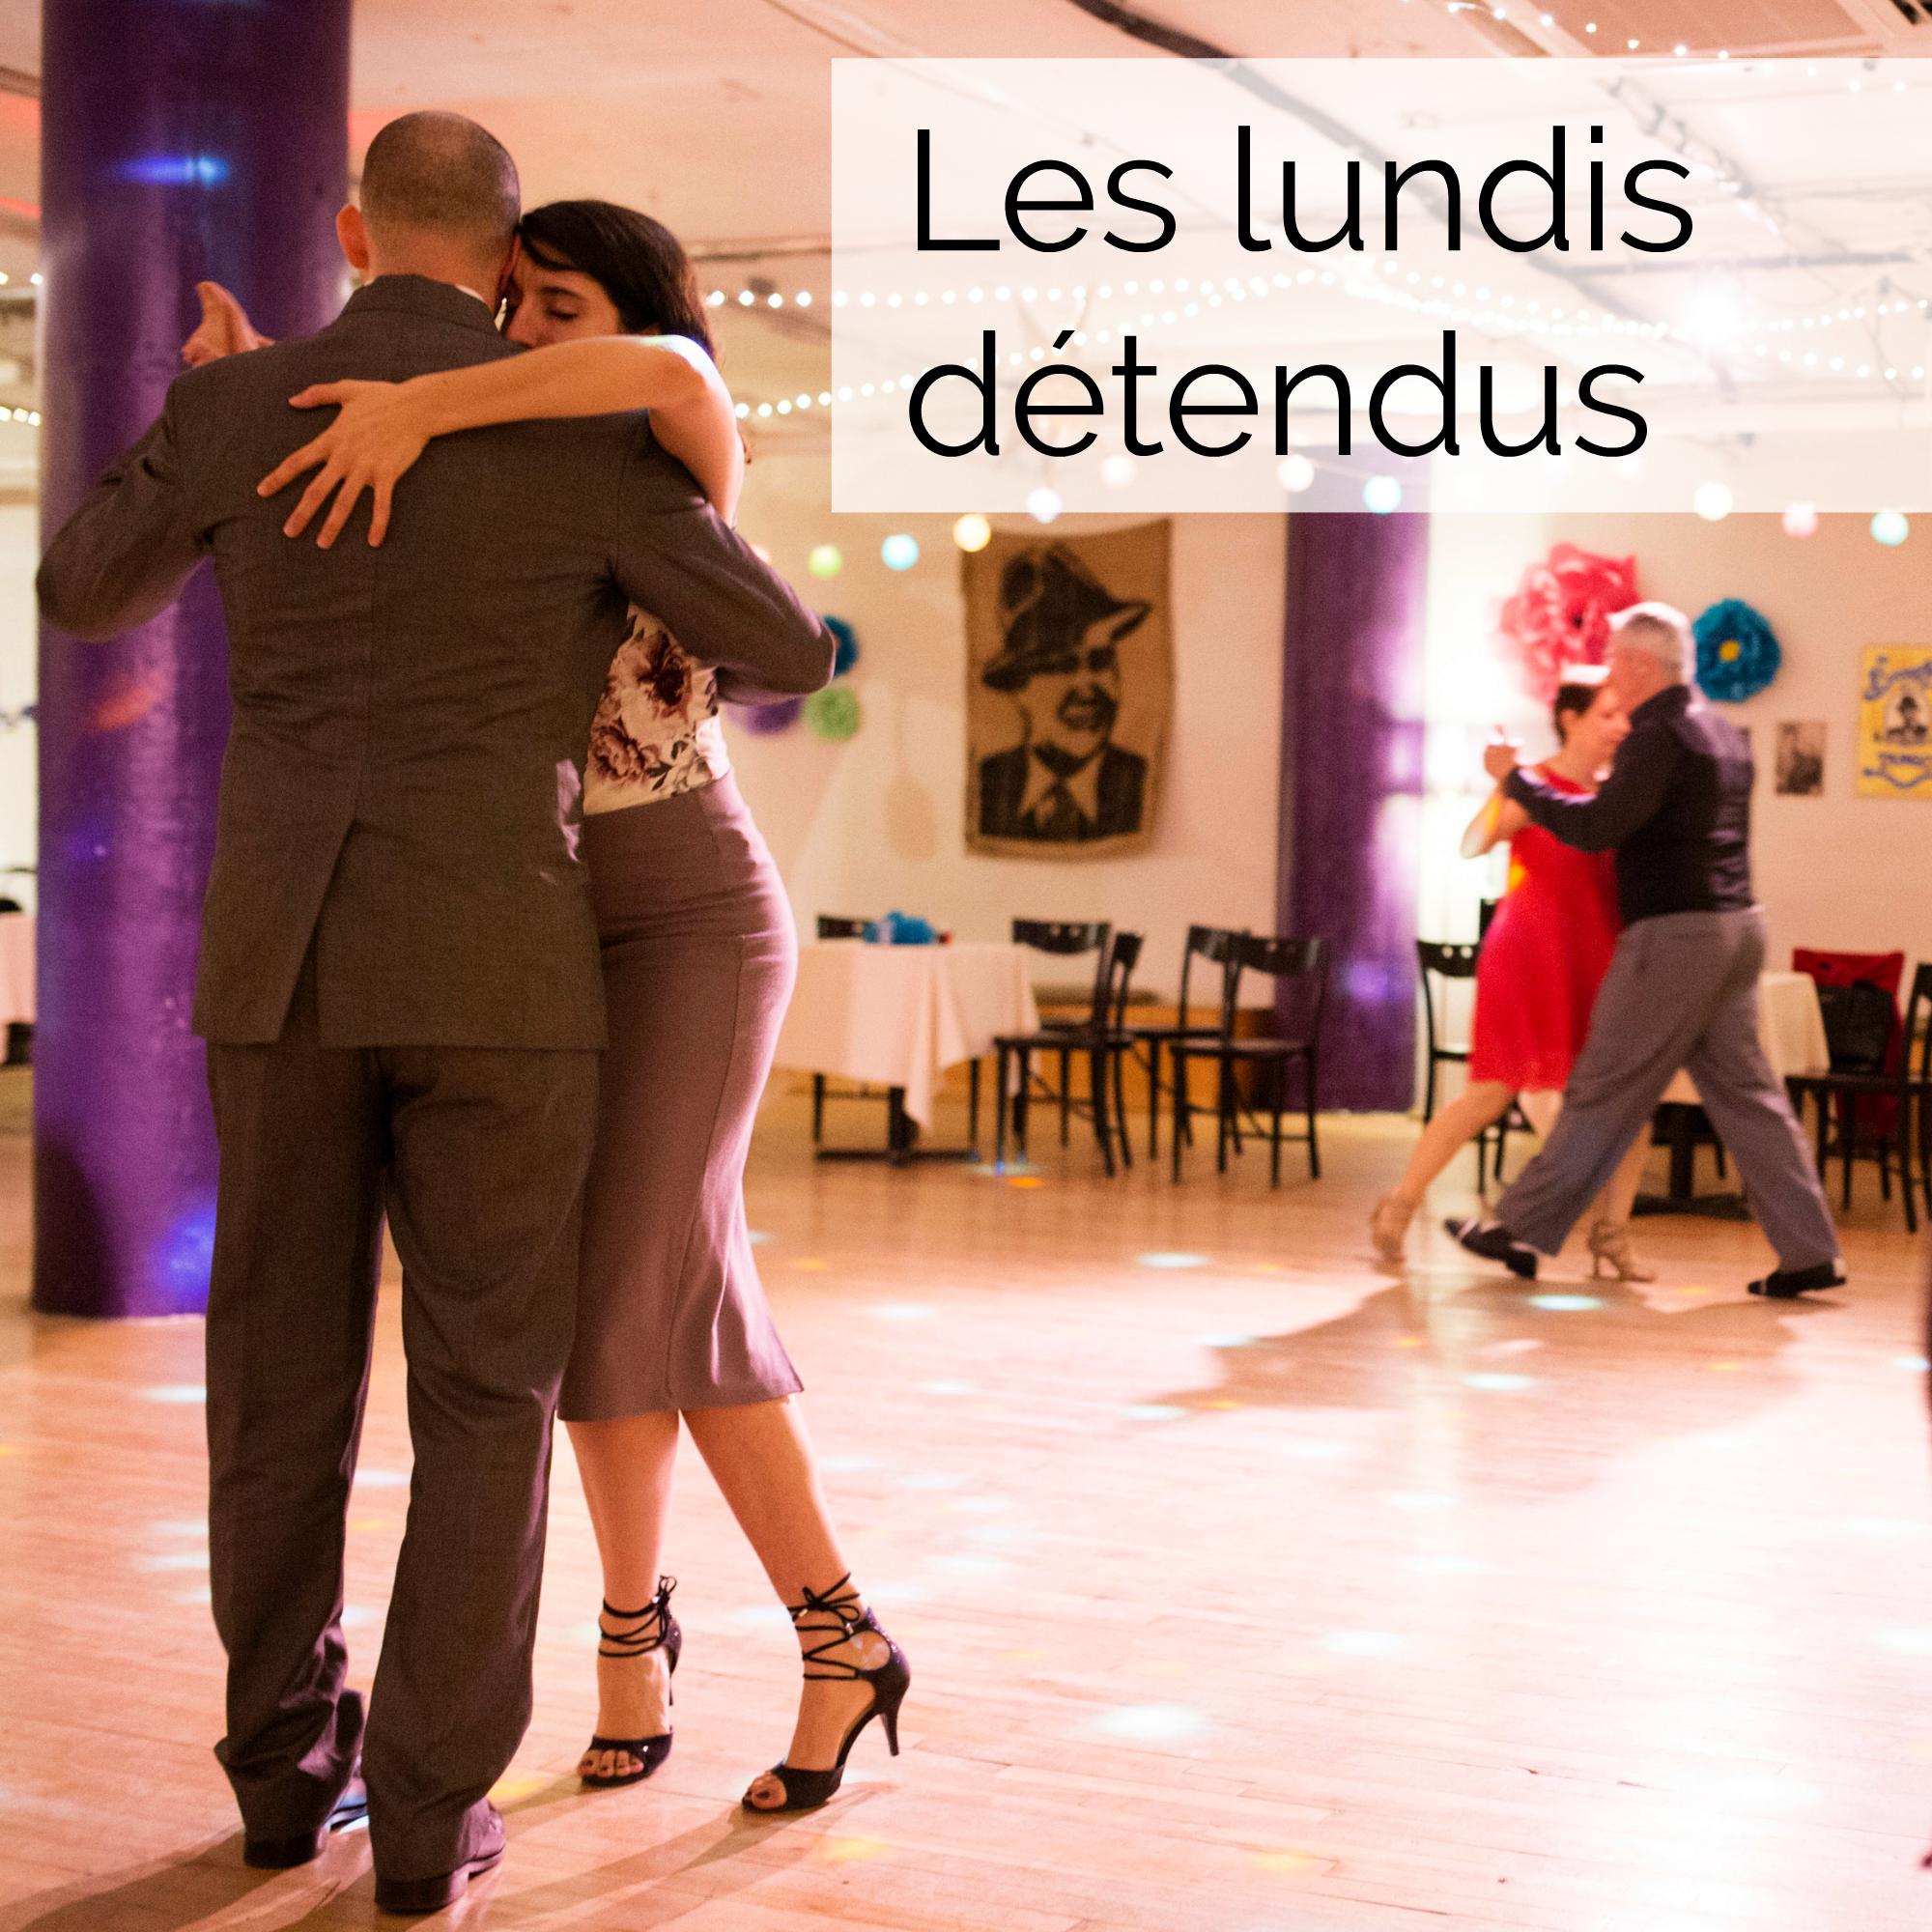 CHAQUE LUNDI SOIR DE20 H 30 à MINUIT - Le prix d'entrée est de 8 $ à la porte (taxes incluses) (sauf lors d'événements spéciaux)L'ambiance est détendue, intime, avec tout l'espace souhaité pour danser!Assistance moyenne : 45 personnes